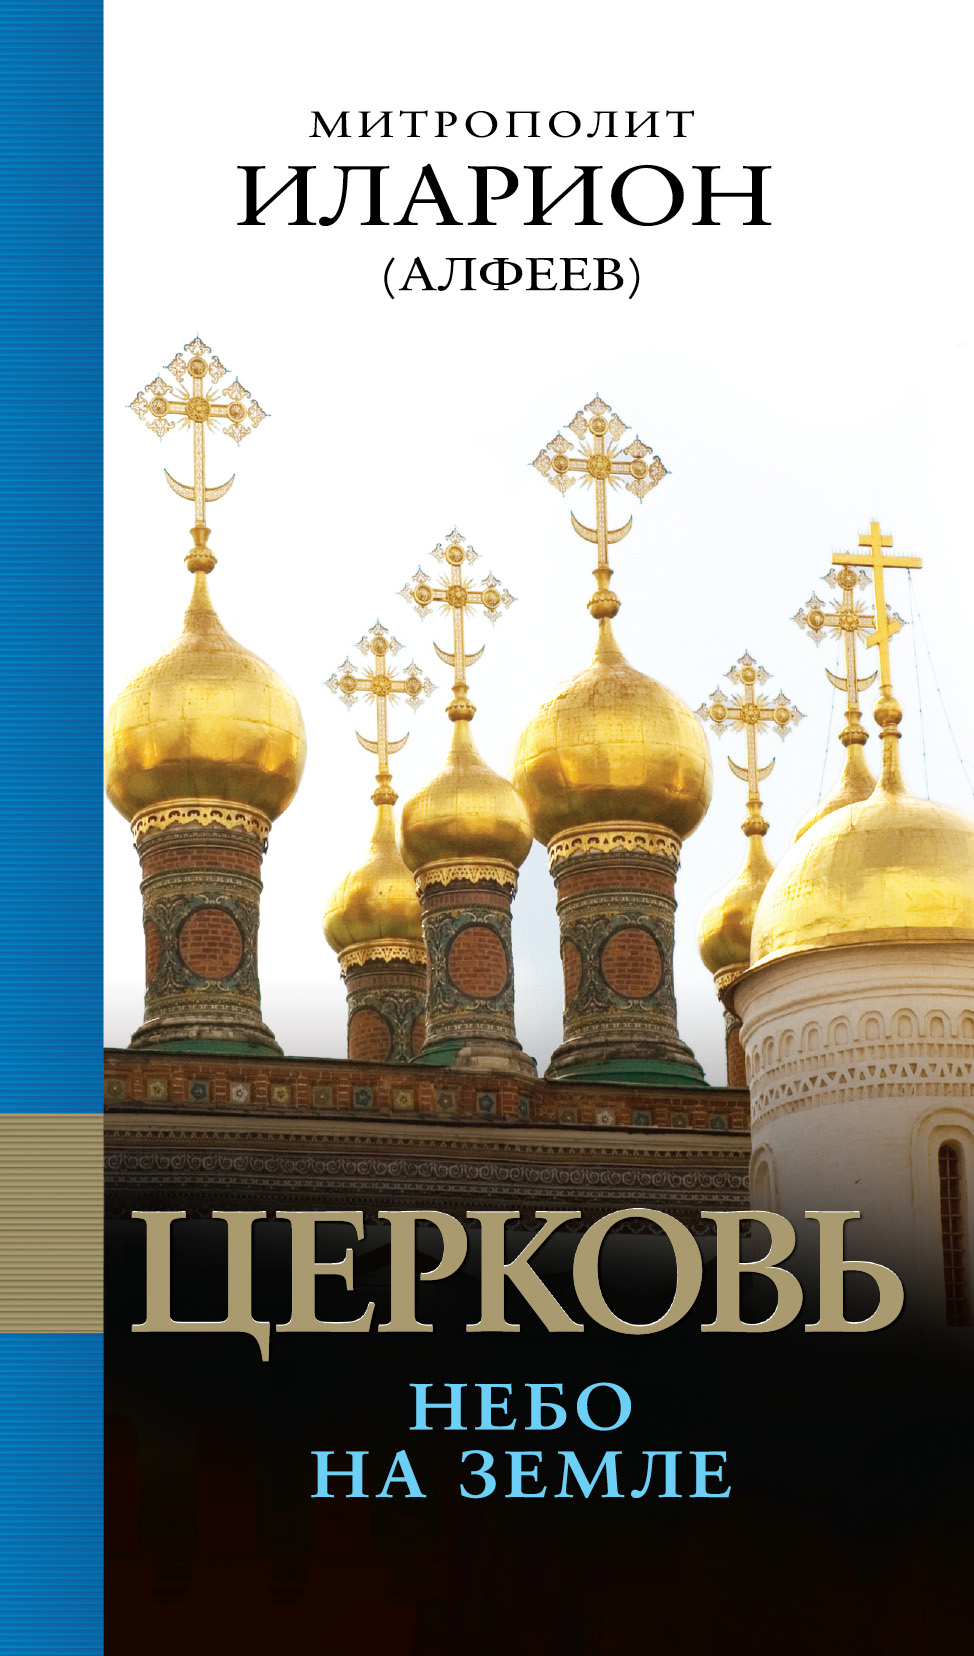 митрополит Иларион (Алфеев) Церковь. Небо на земле